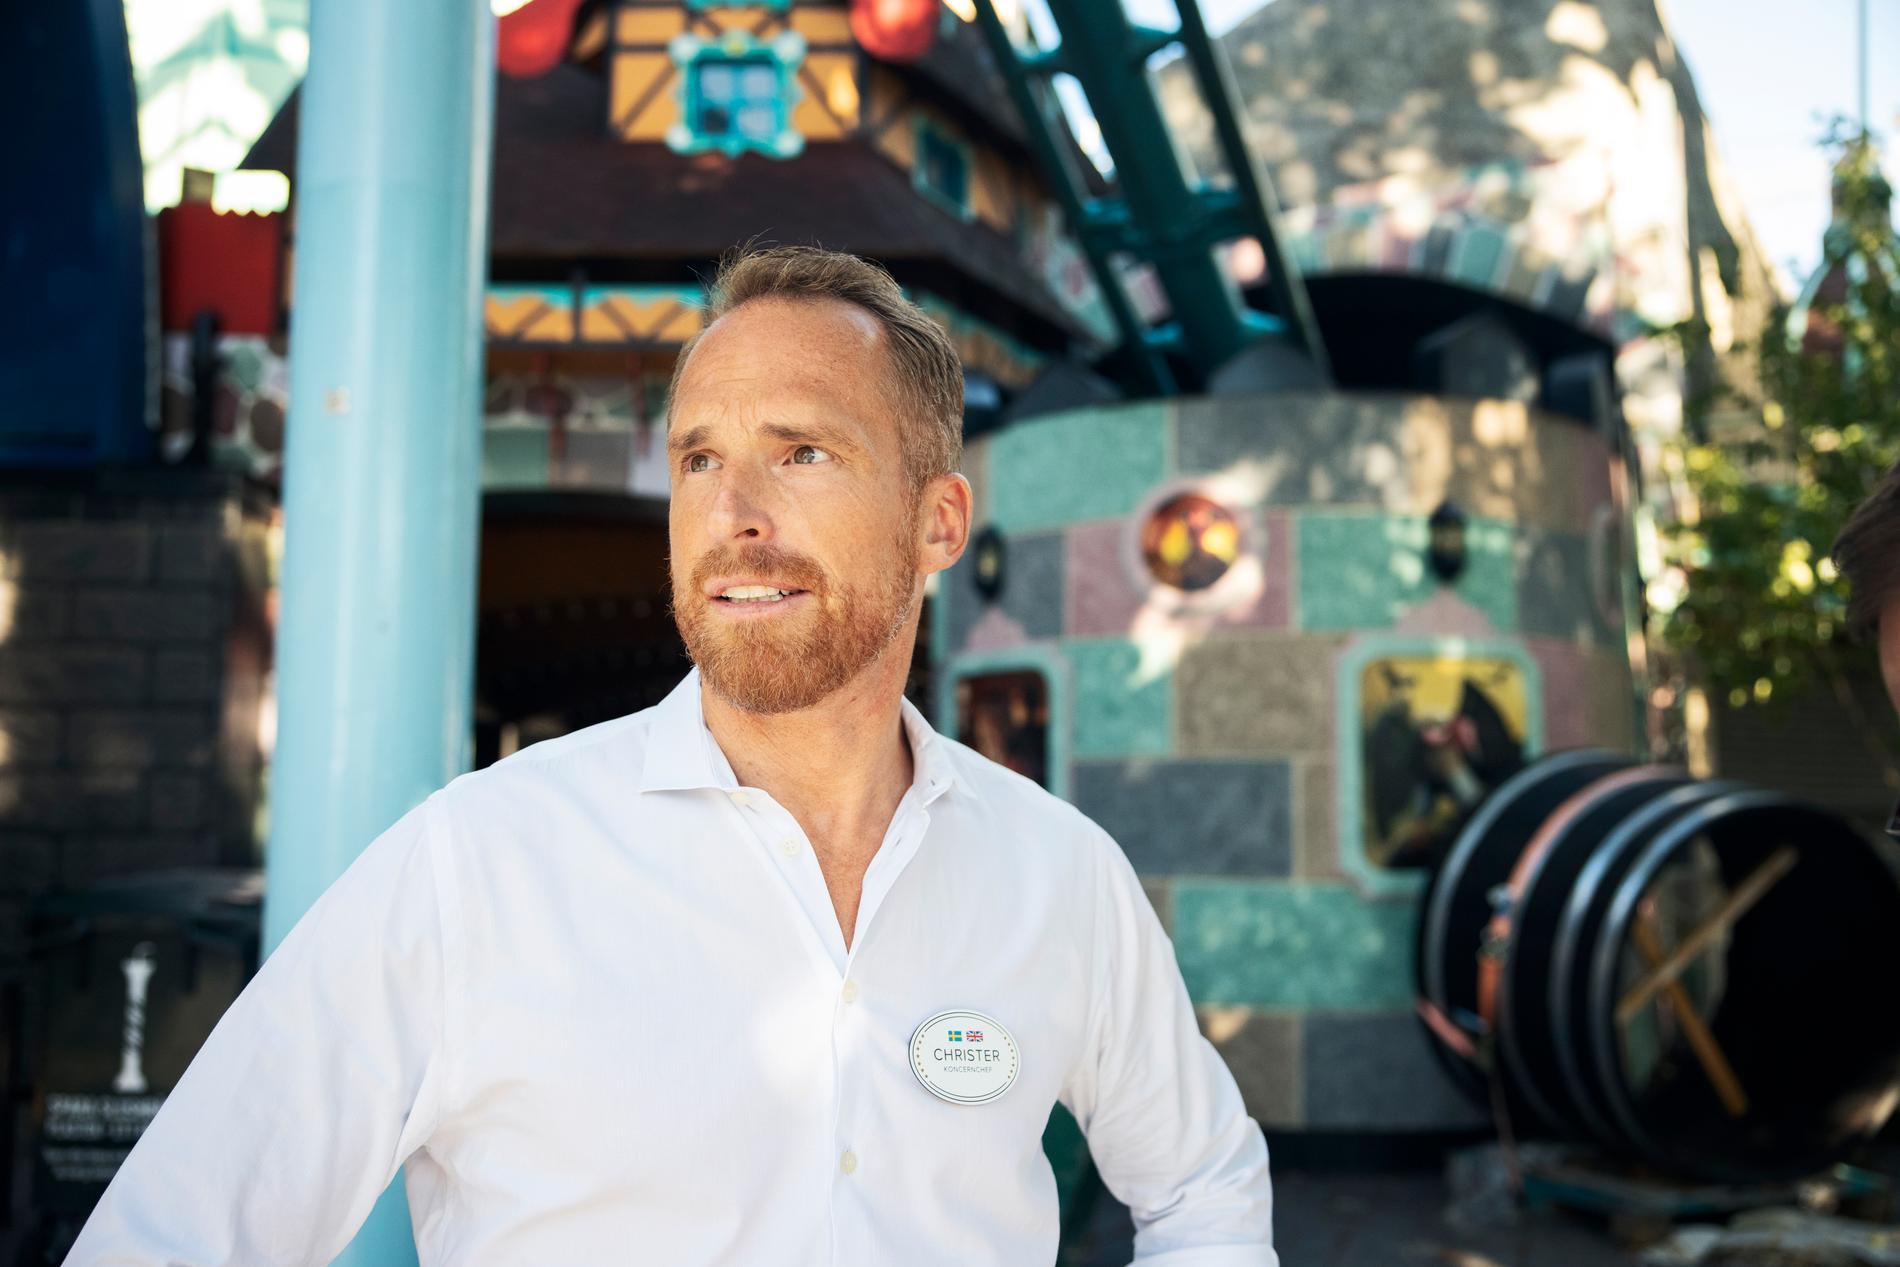 Christer Fogelmarck, vd på Parks and Resorts som äger Gröna Lund, är glad över att nöjesparken åter är öppen igen.